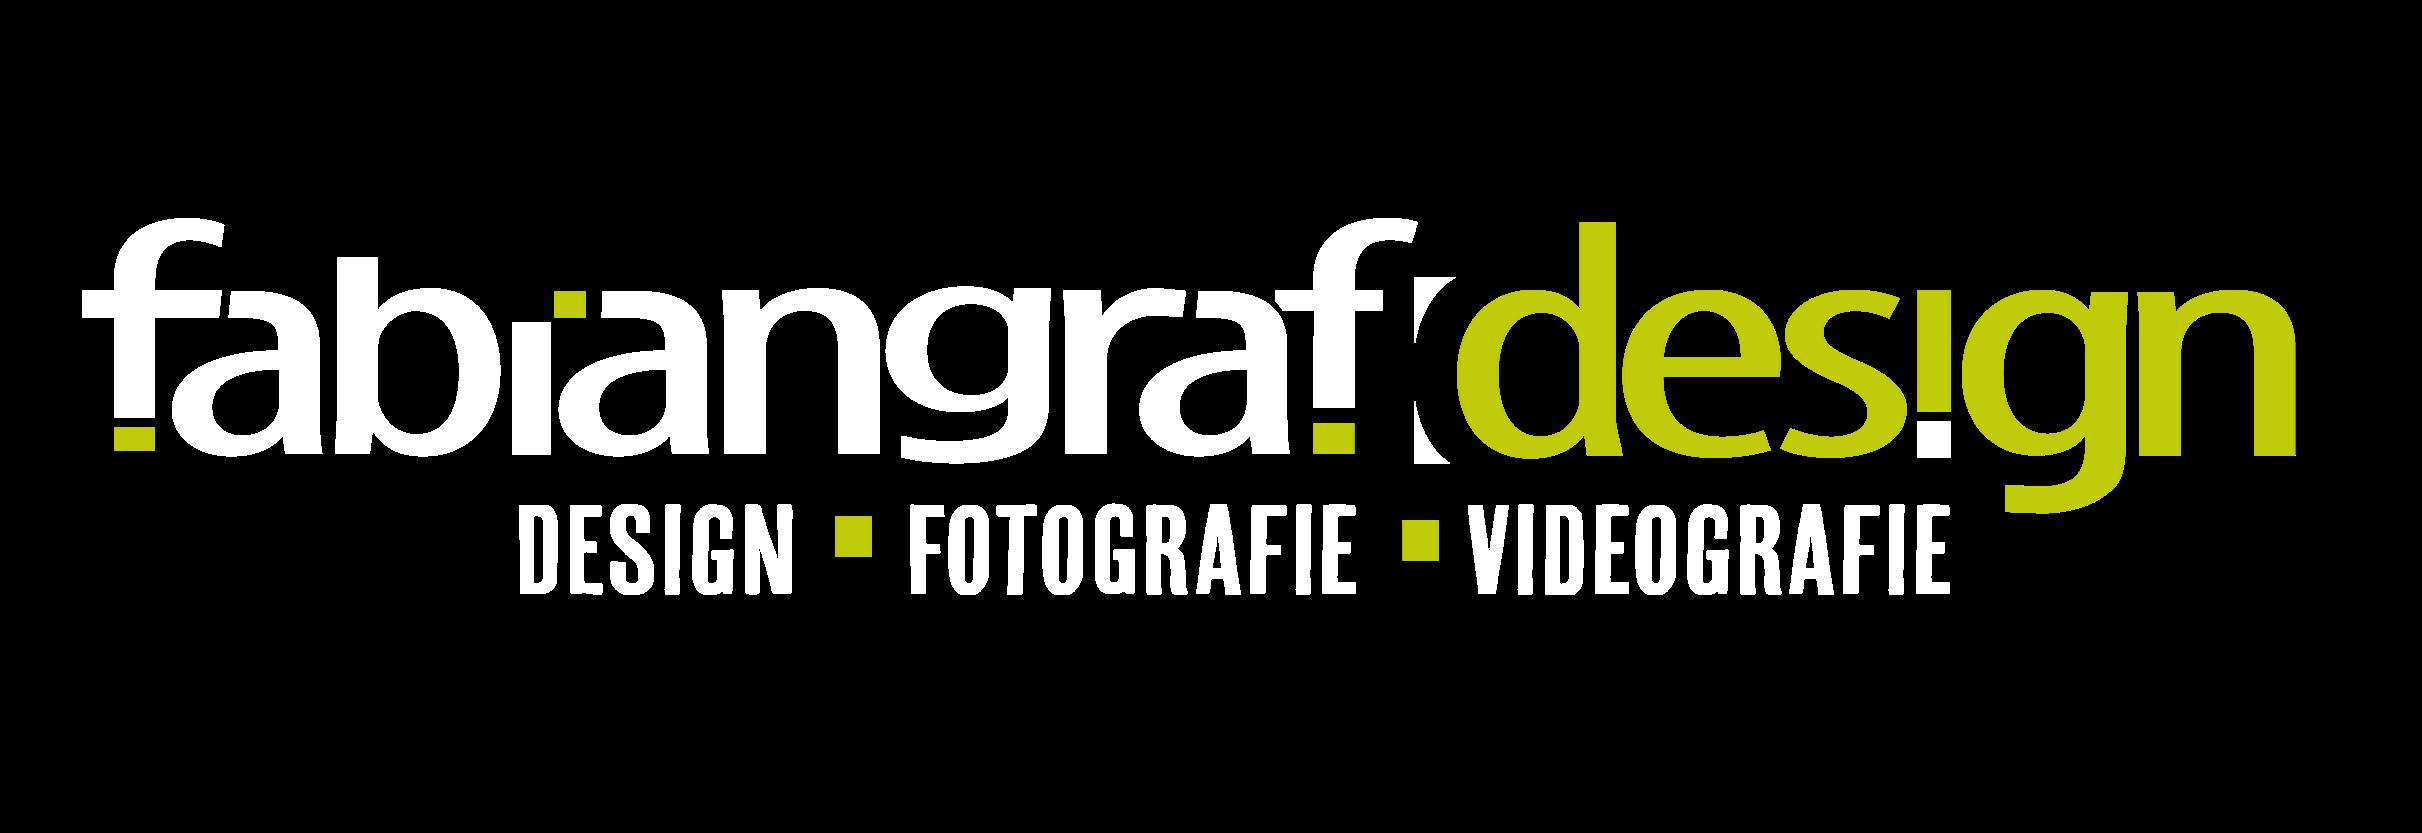 fabiangrafdesign